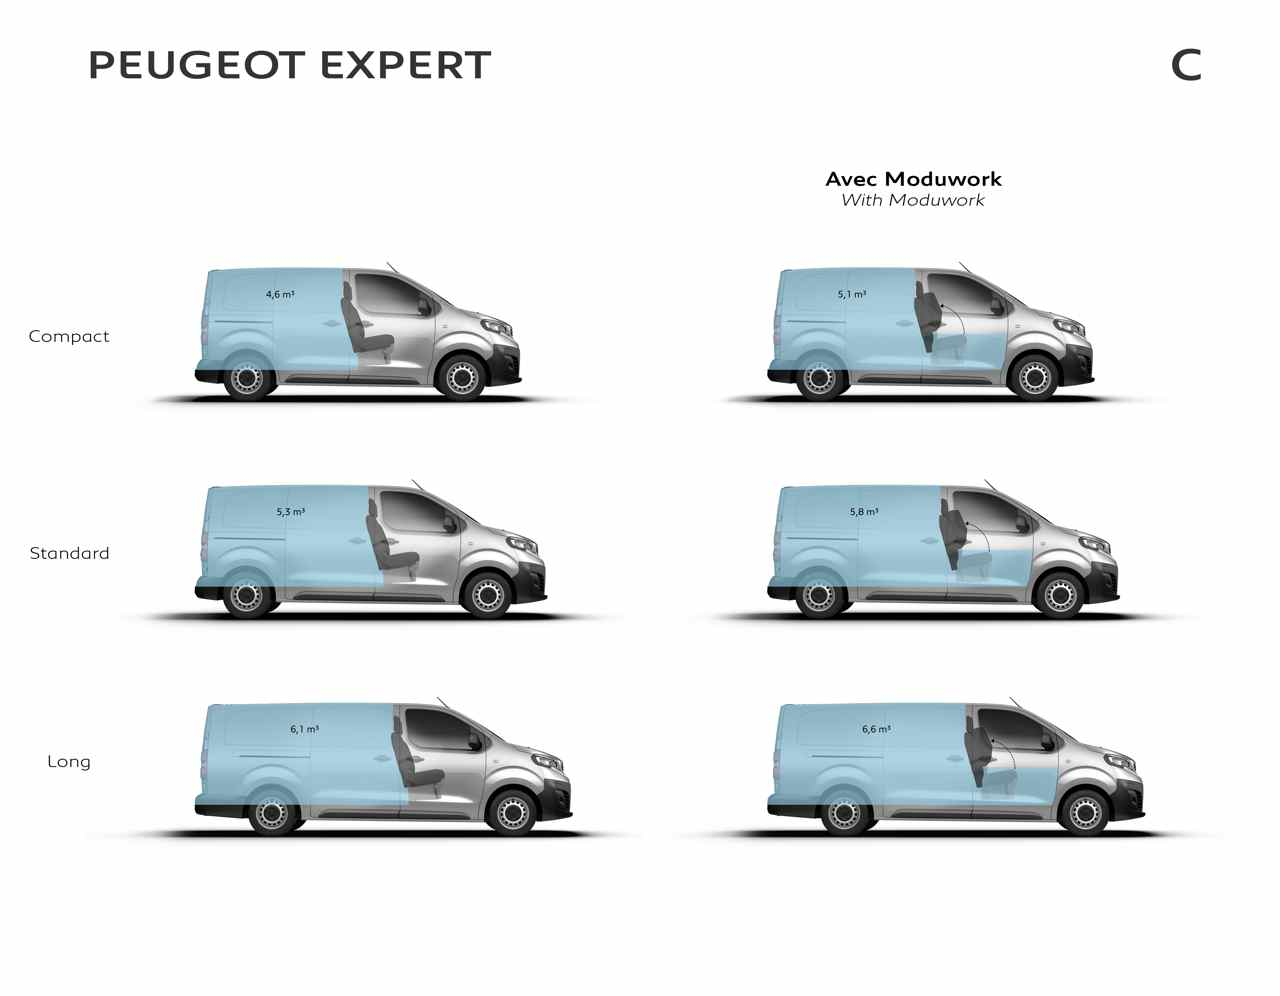 Peugeot Expert 2016 Versatilidad Y Equipamiento